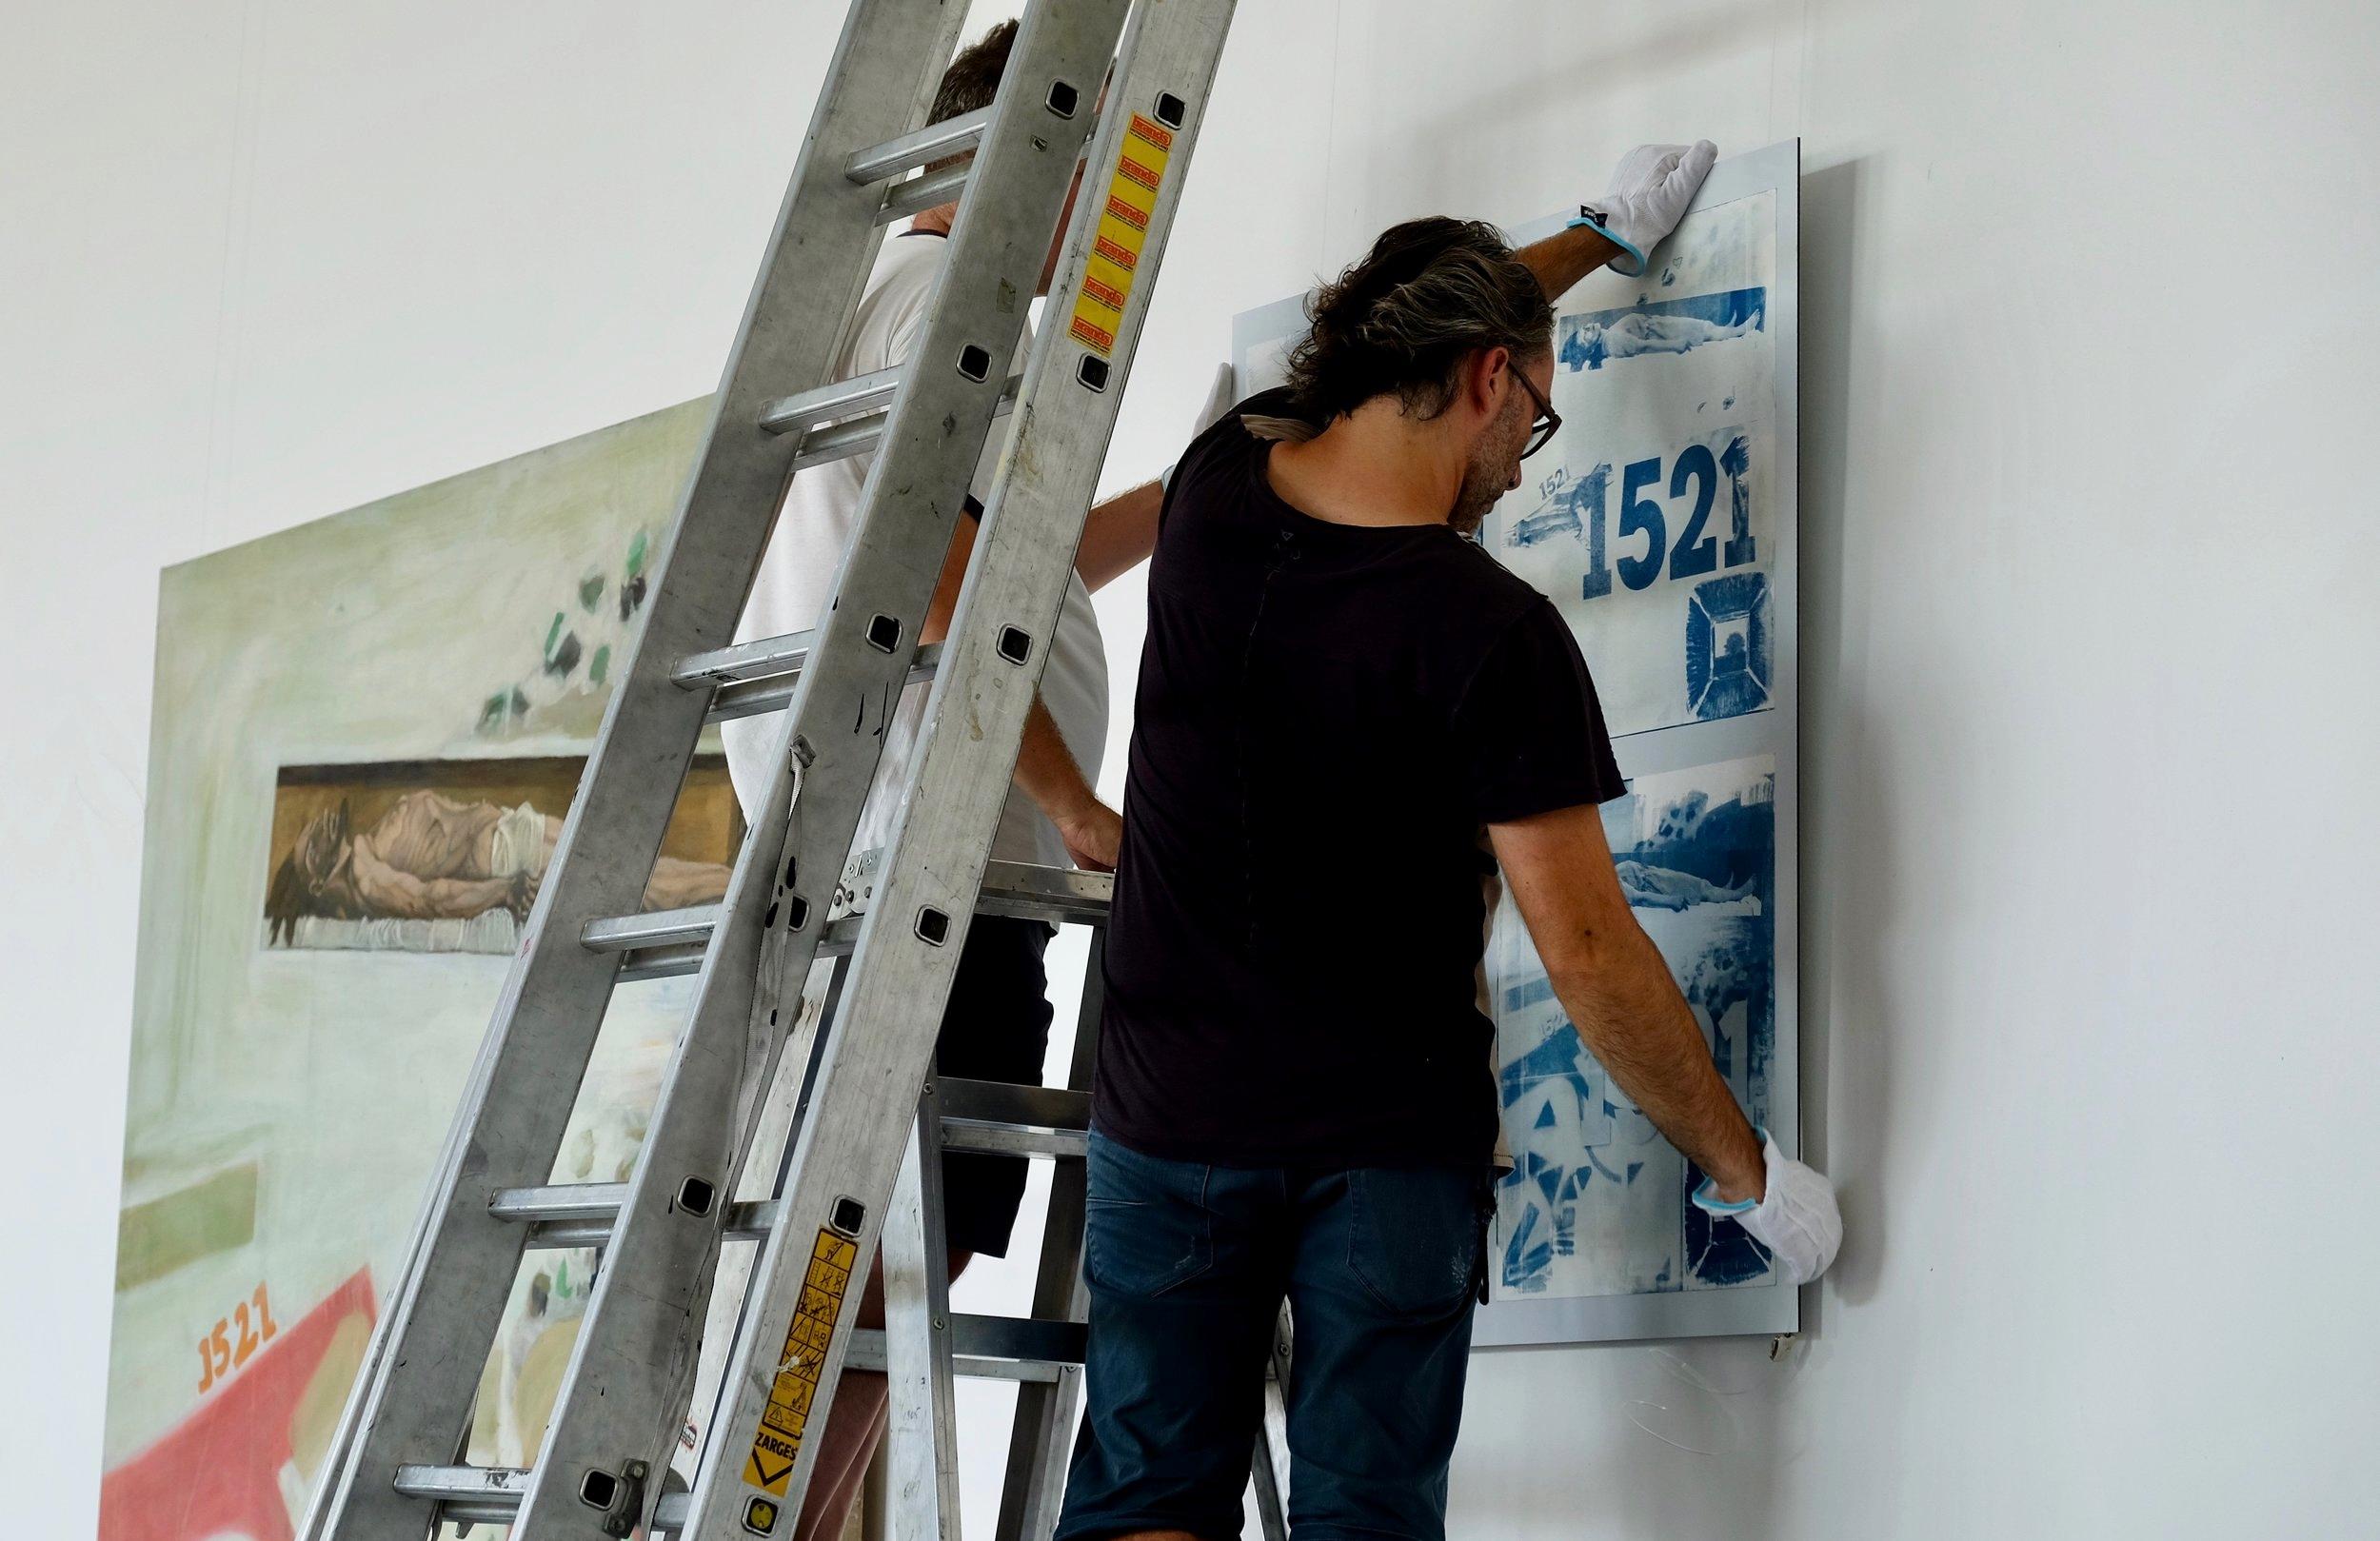 Opening: 10 augustus om 17.00 uur   Duur expositie: 13 augustus t/m 14 december 2018  Openingstijden: ma-vr, 09.00-17.00 uur  Waar: Stadhuis Heerlen  Adres: Raadhuisplein 1, 6411 HK HEERLEN  Entree: Vrije toegang  Meer info:    schunck.nl